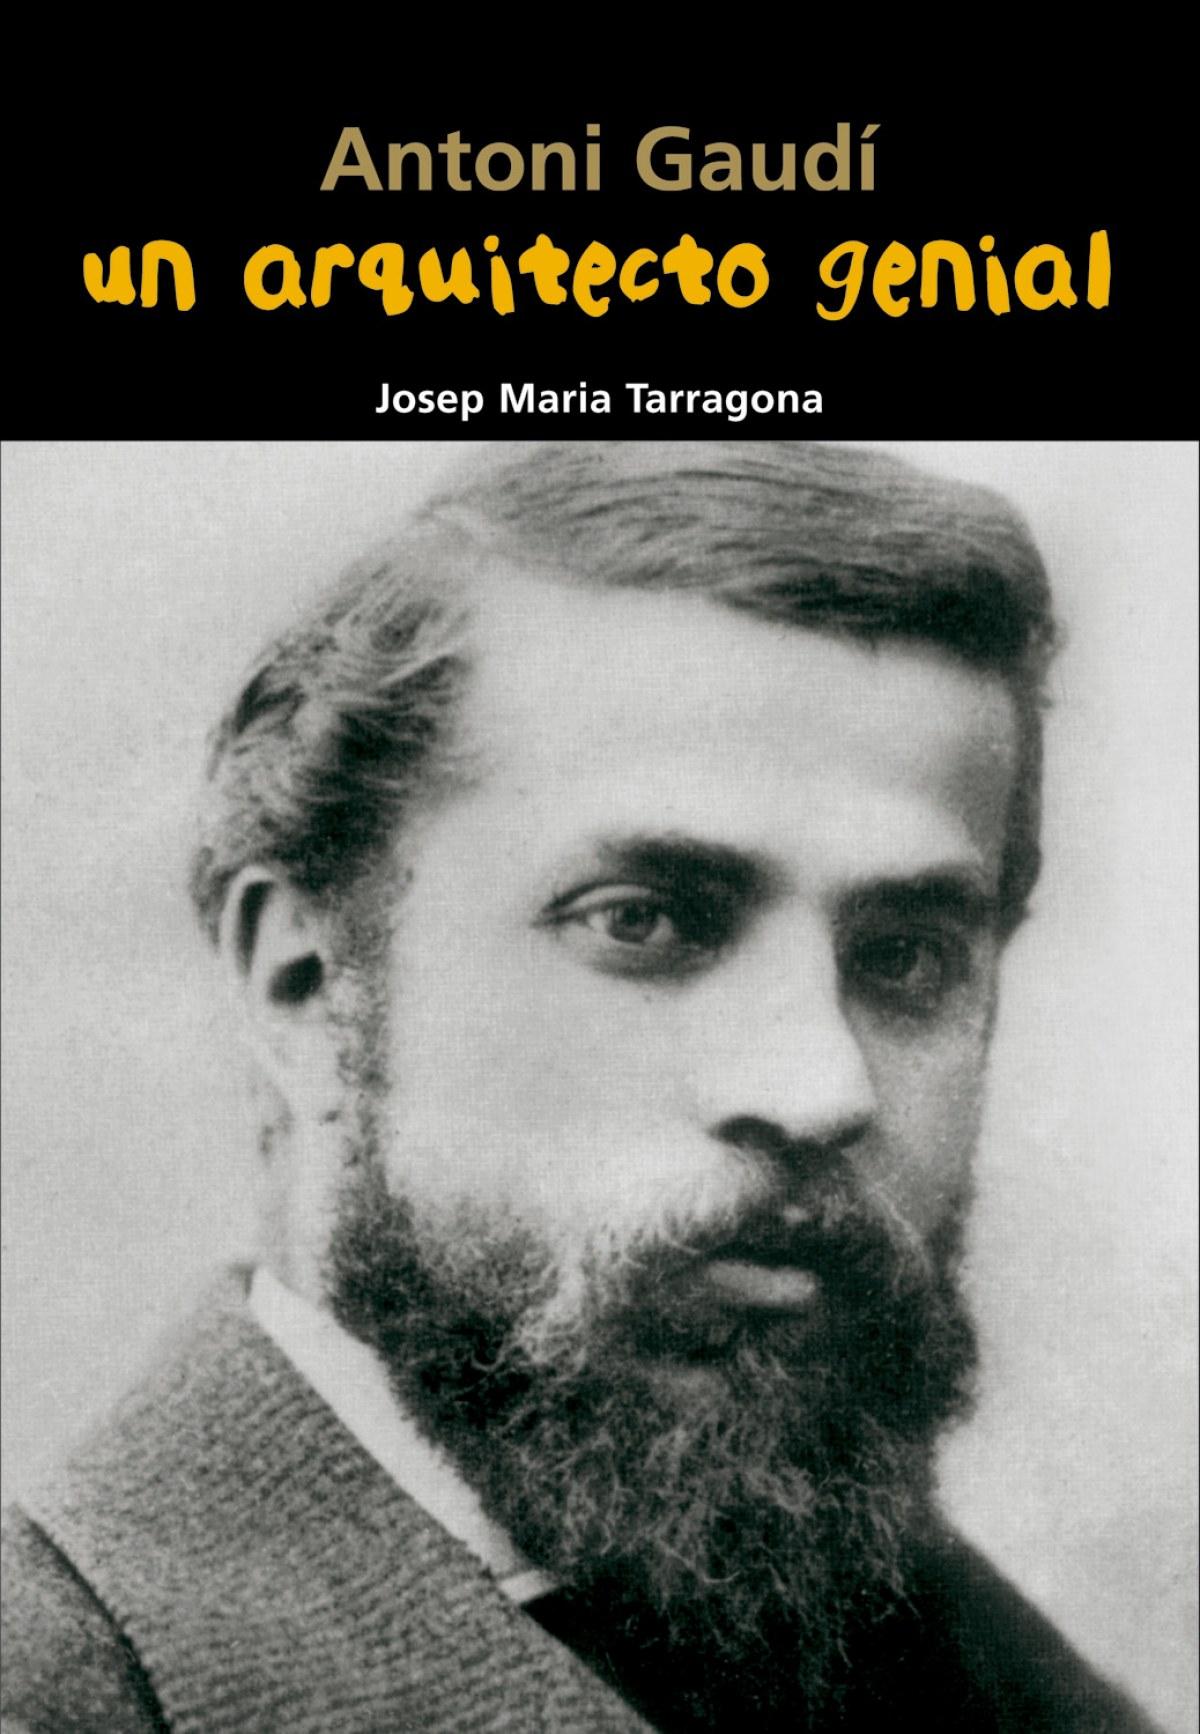 ANTONI GAUDÍ, UN ARQUITECTO GENIAL